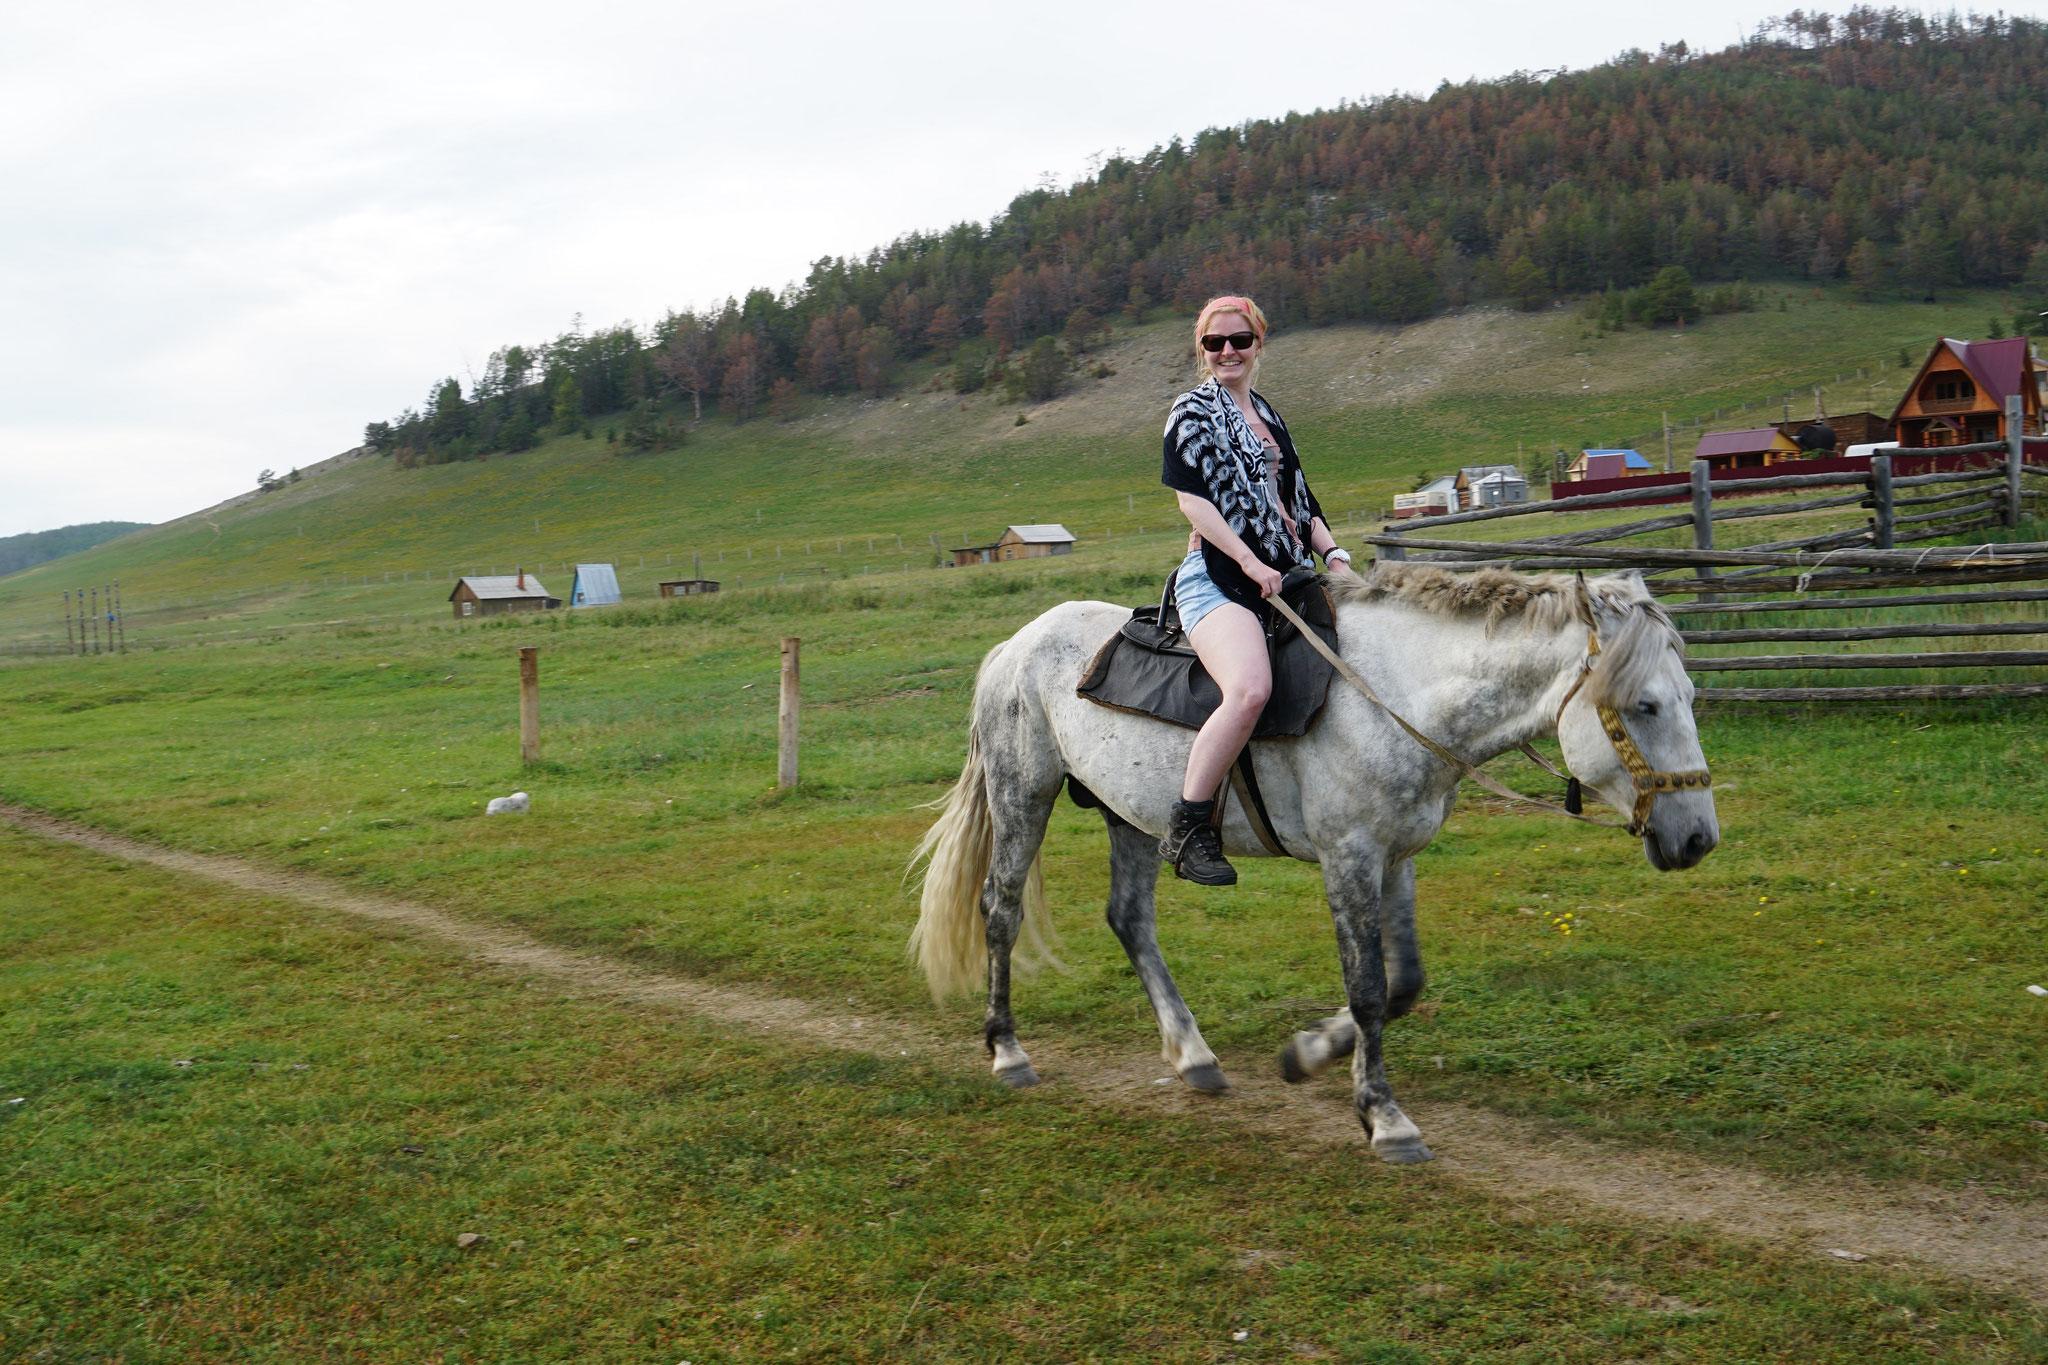 Hoch zu Pferde...